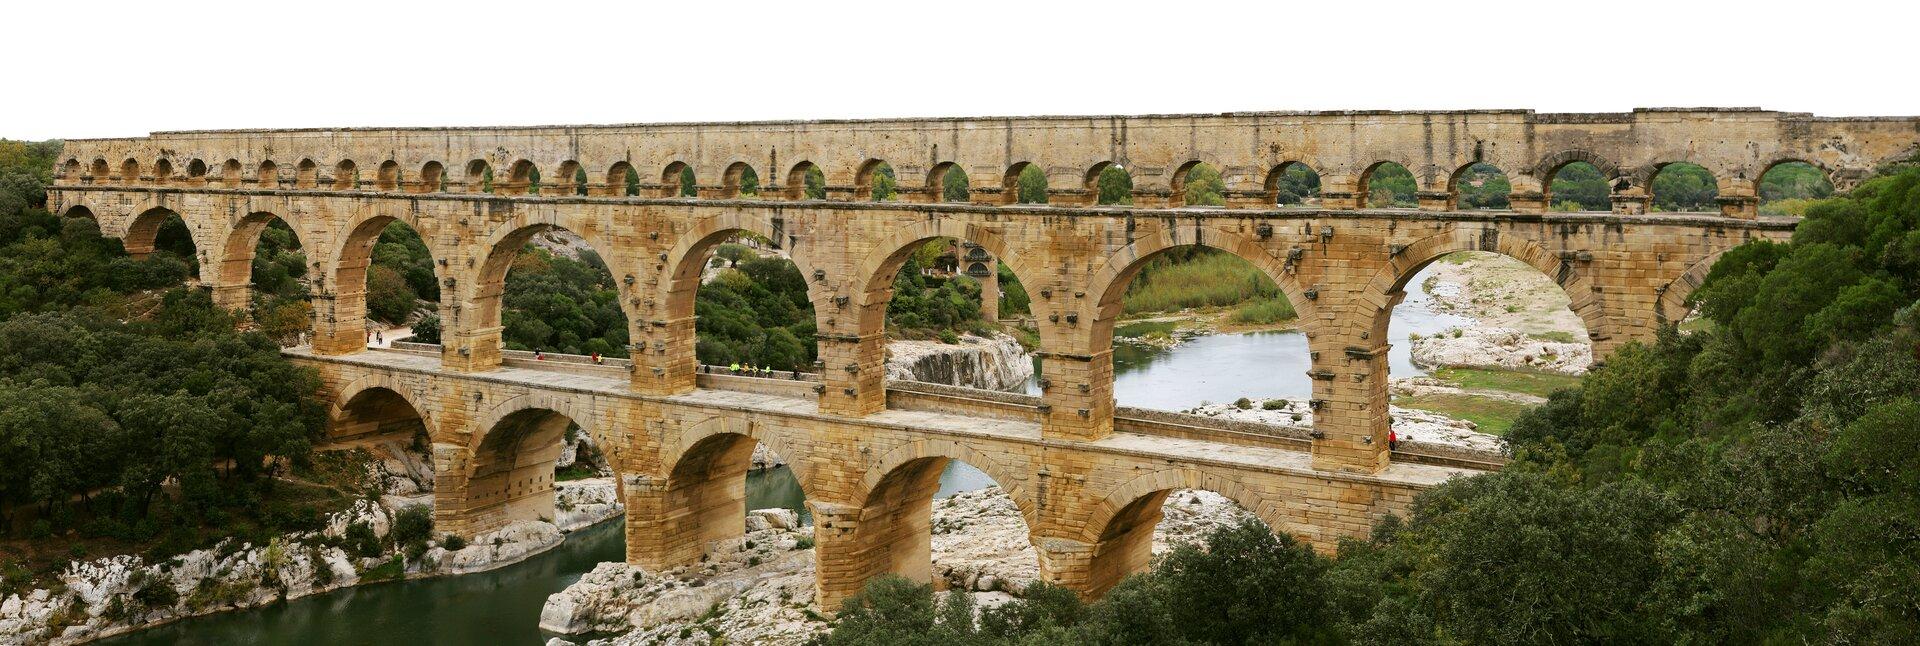 Rzymski akweduktPont du Gard we Francji Rzymski akweduktPont du Gard we Francji Źródło: Benh LIEU SONG, Wikimedia Commons, licencja: CC BY-SA 3.0.